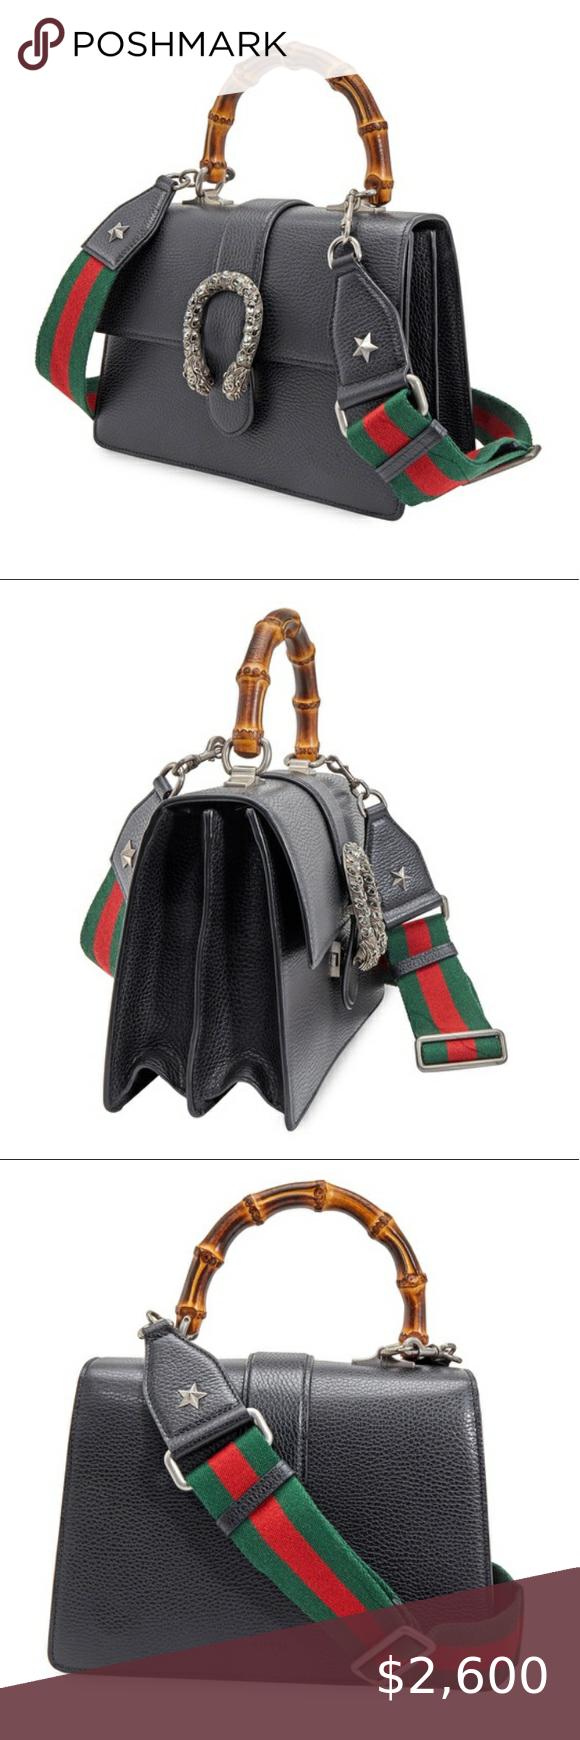 Gucci Ladies Dionysus Bamboo Top Handle Bag Gucci Bags Gucci Bag